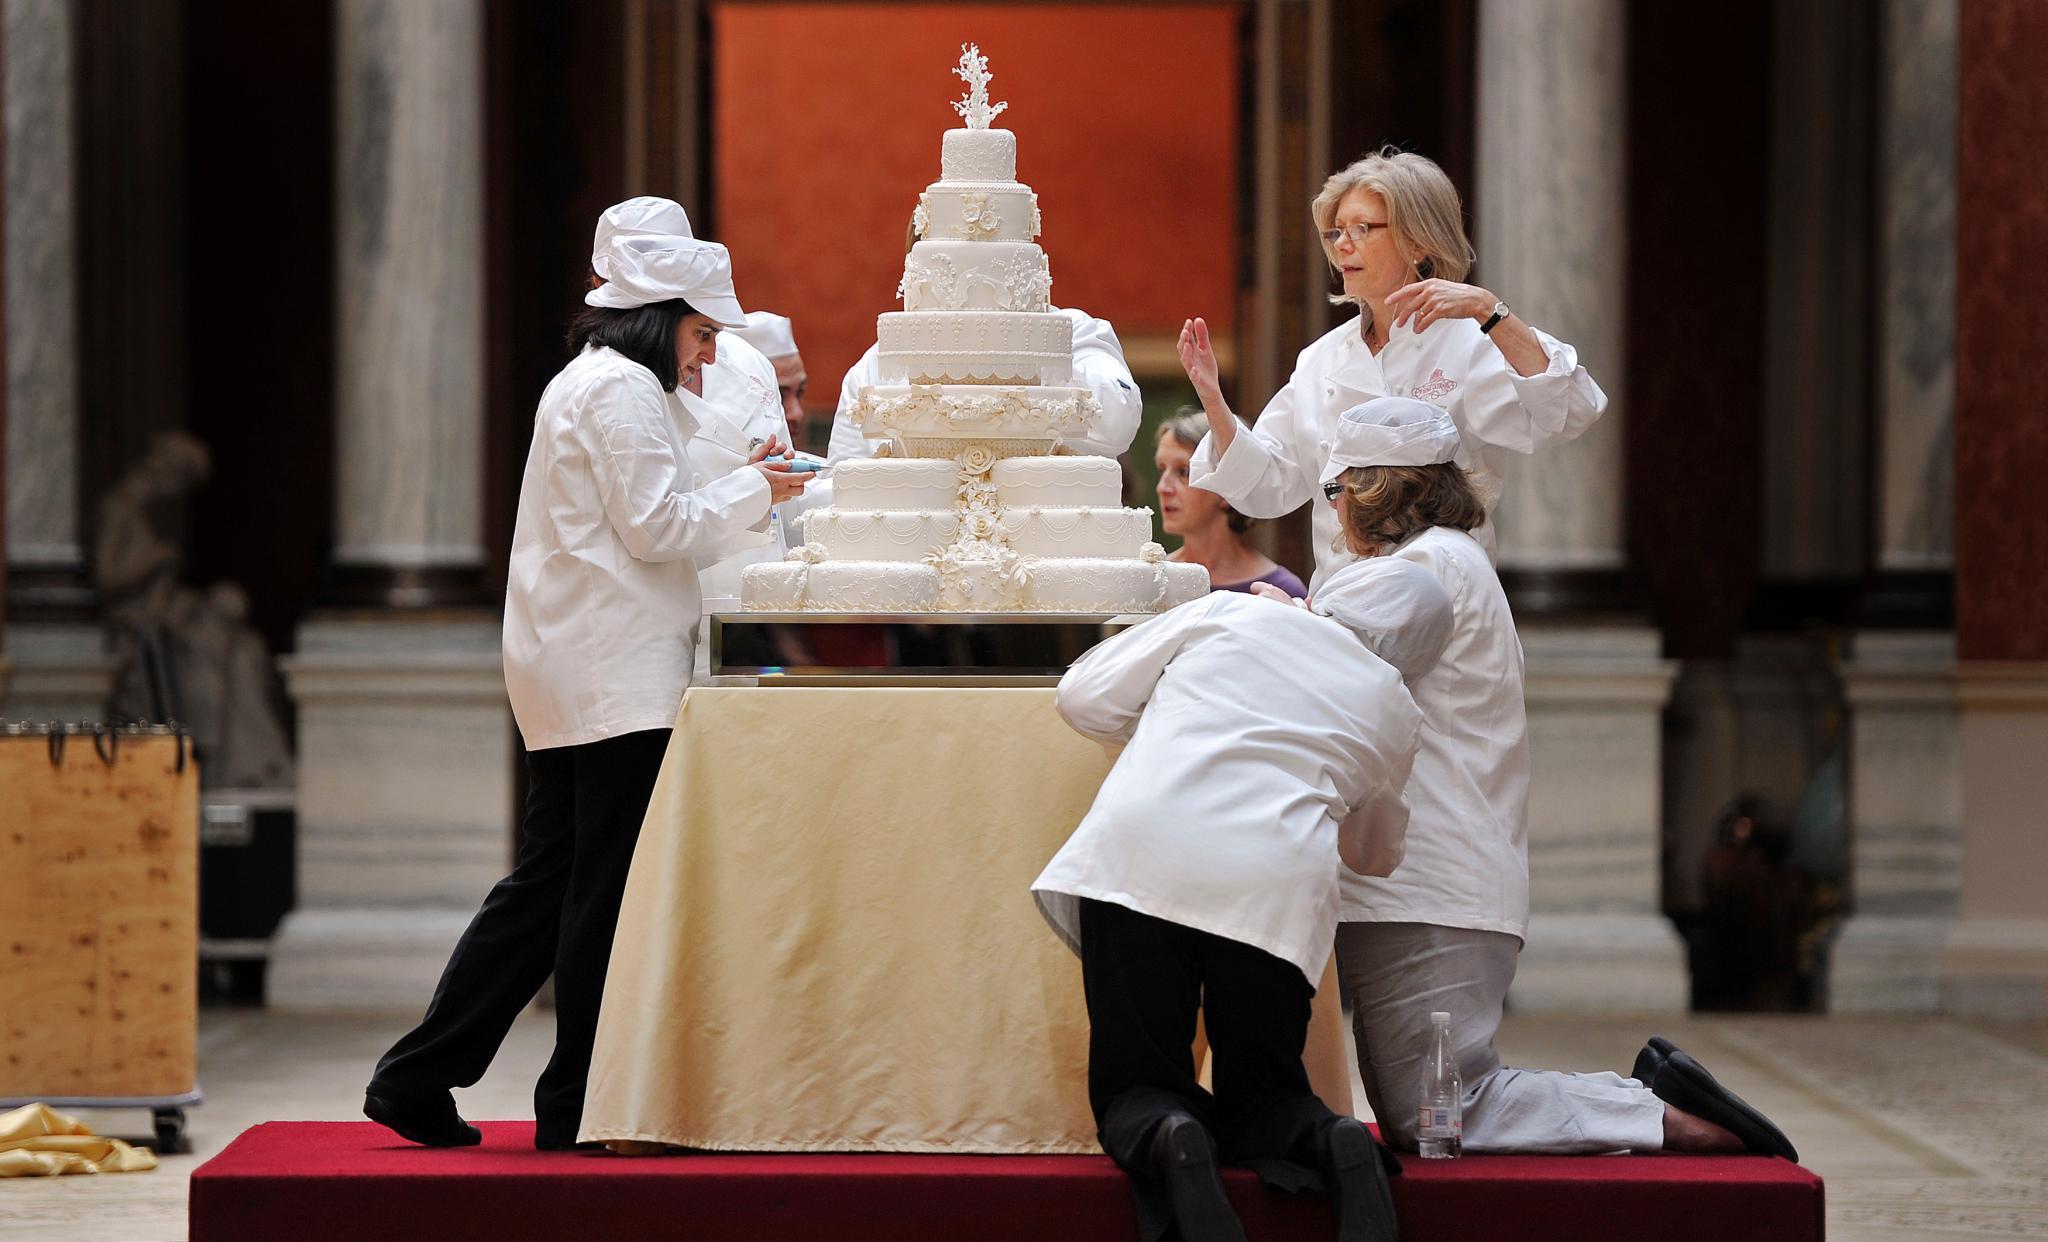 Hier noch einmal die Hochzeitstorte von Prinz William und Herzogin Catherine vom 29. April 2011 im Gesamtbild. So bekommt man eine Ahnung von der Größe dieses 17-Torten-Kunstwerks. Die Dame mit dem blonden Haar, die da von rechts dirigiert, ist die berühmte Konditorin Fiona Cairns, die Urheberin der Leckerei.